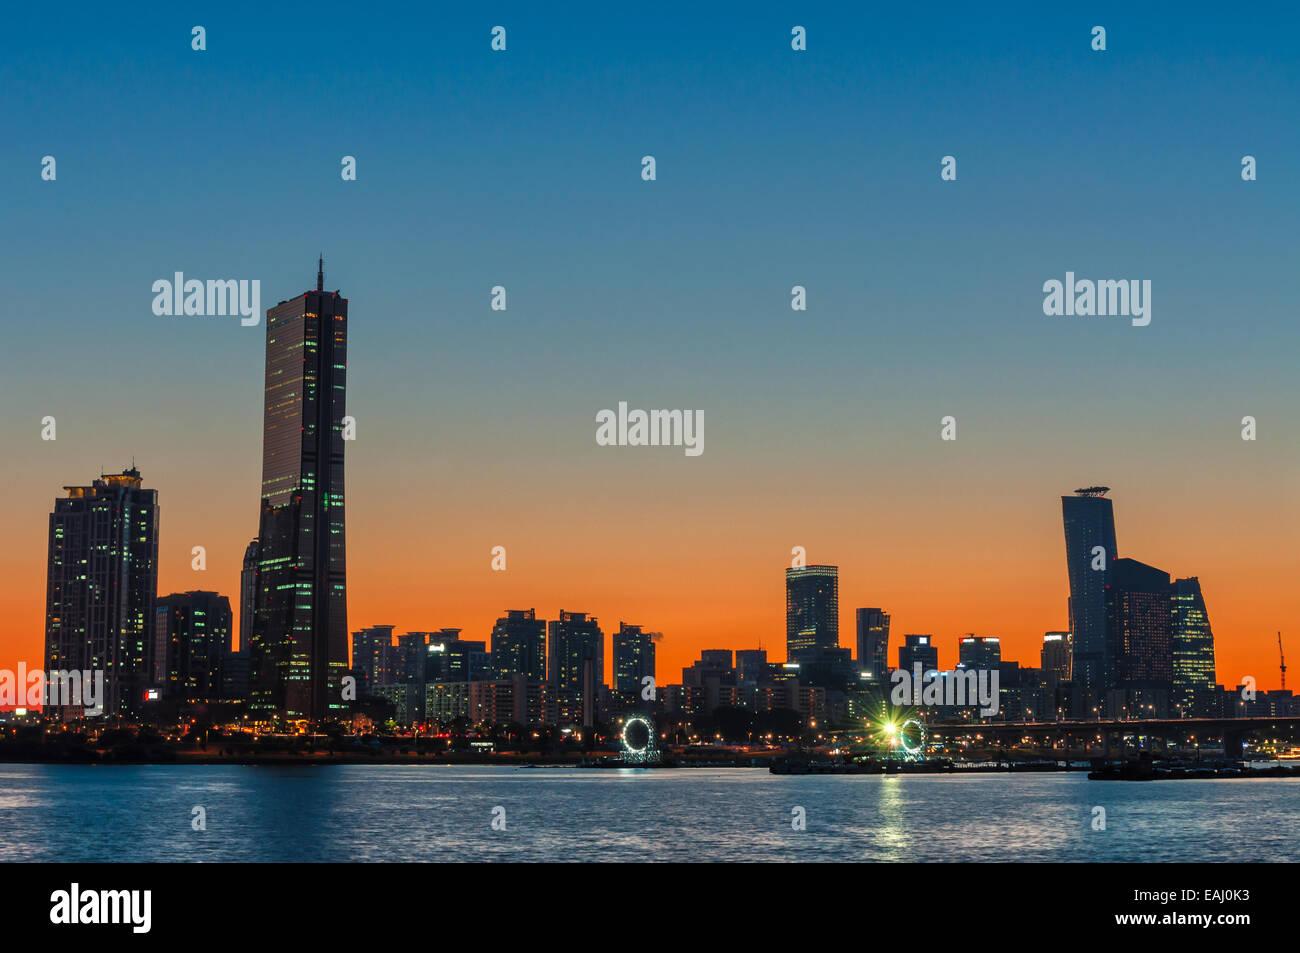 El sol se pone detrás de los rascacielos de Seúl, Corea del Sur. Imagen De Stock